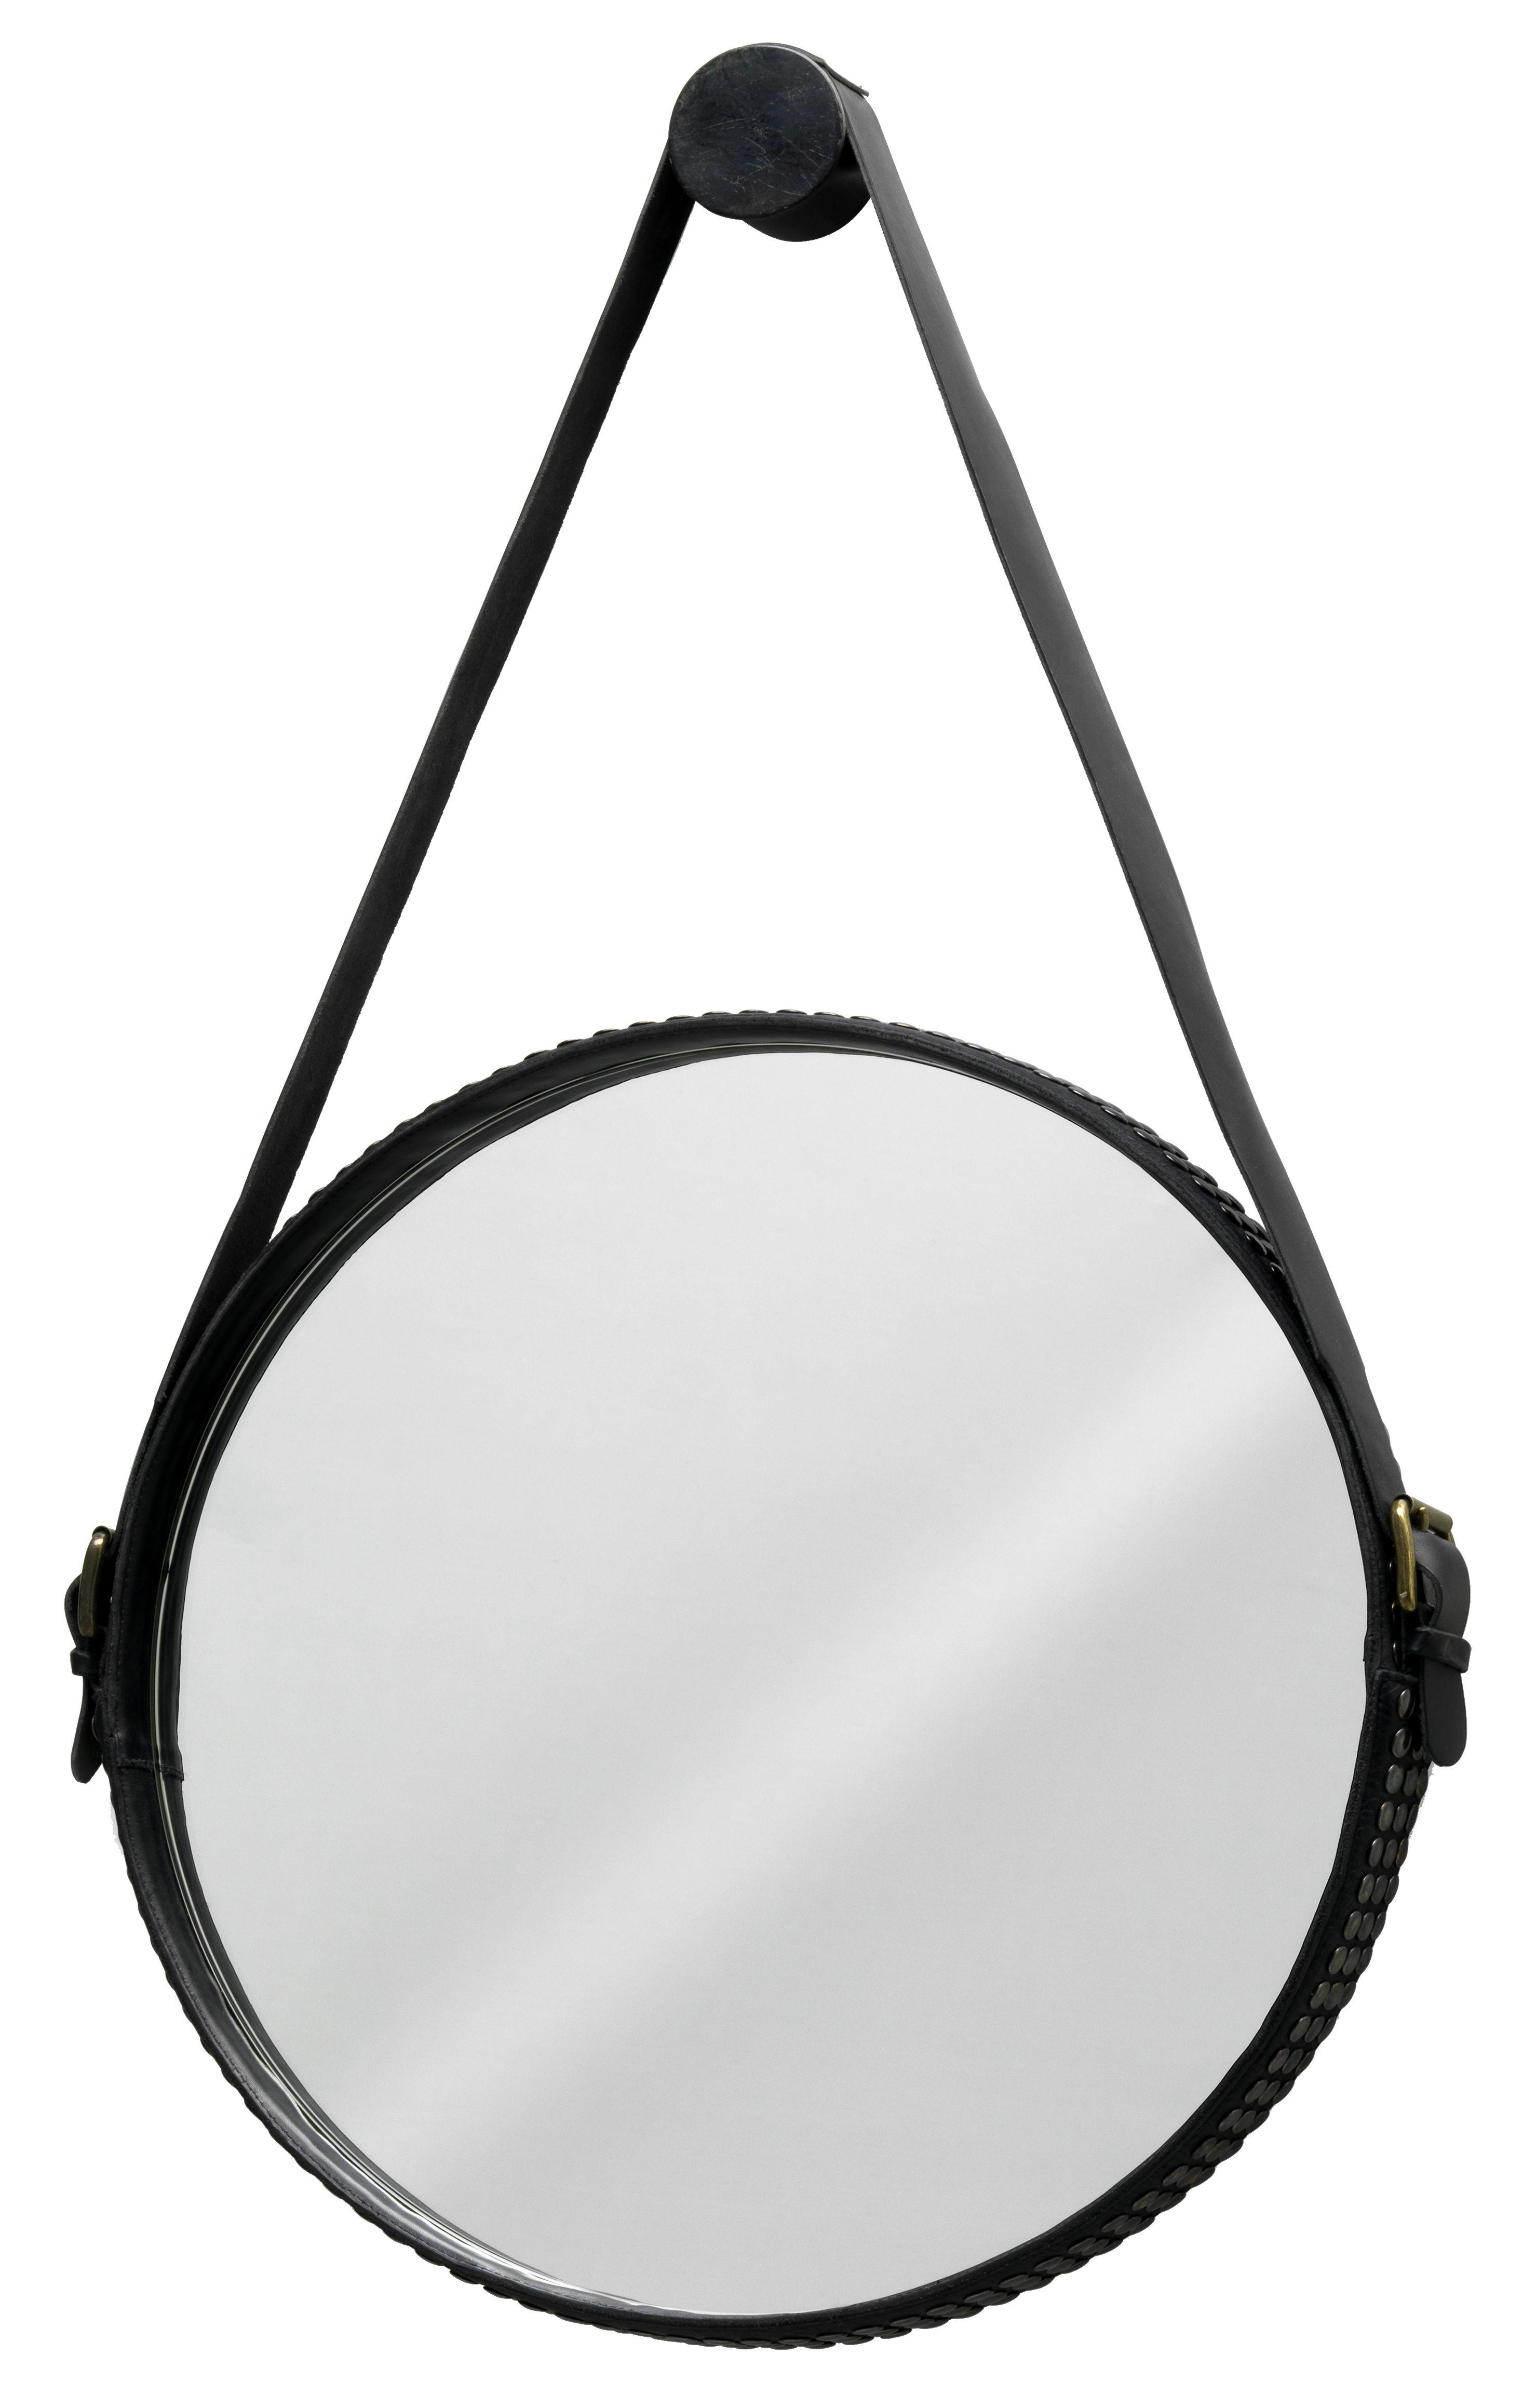 Arredamento - Specchi - Specchio murale Ego Stud di Diesel with Moroso - Nero - Pelle